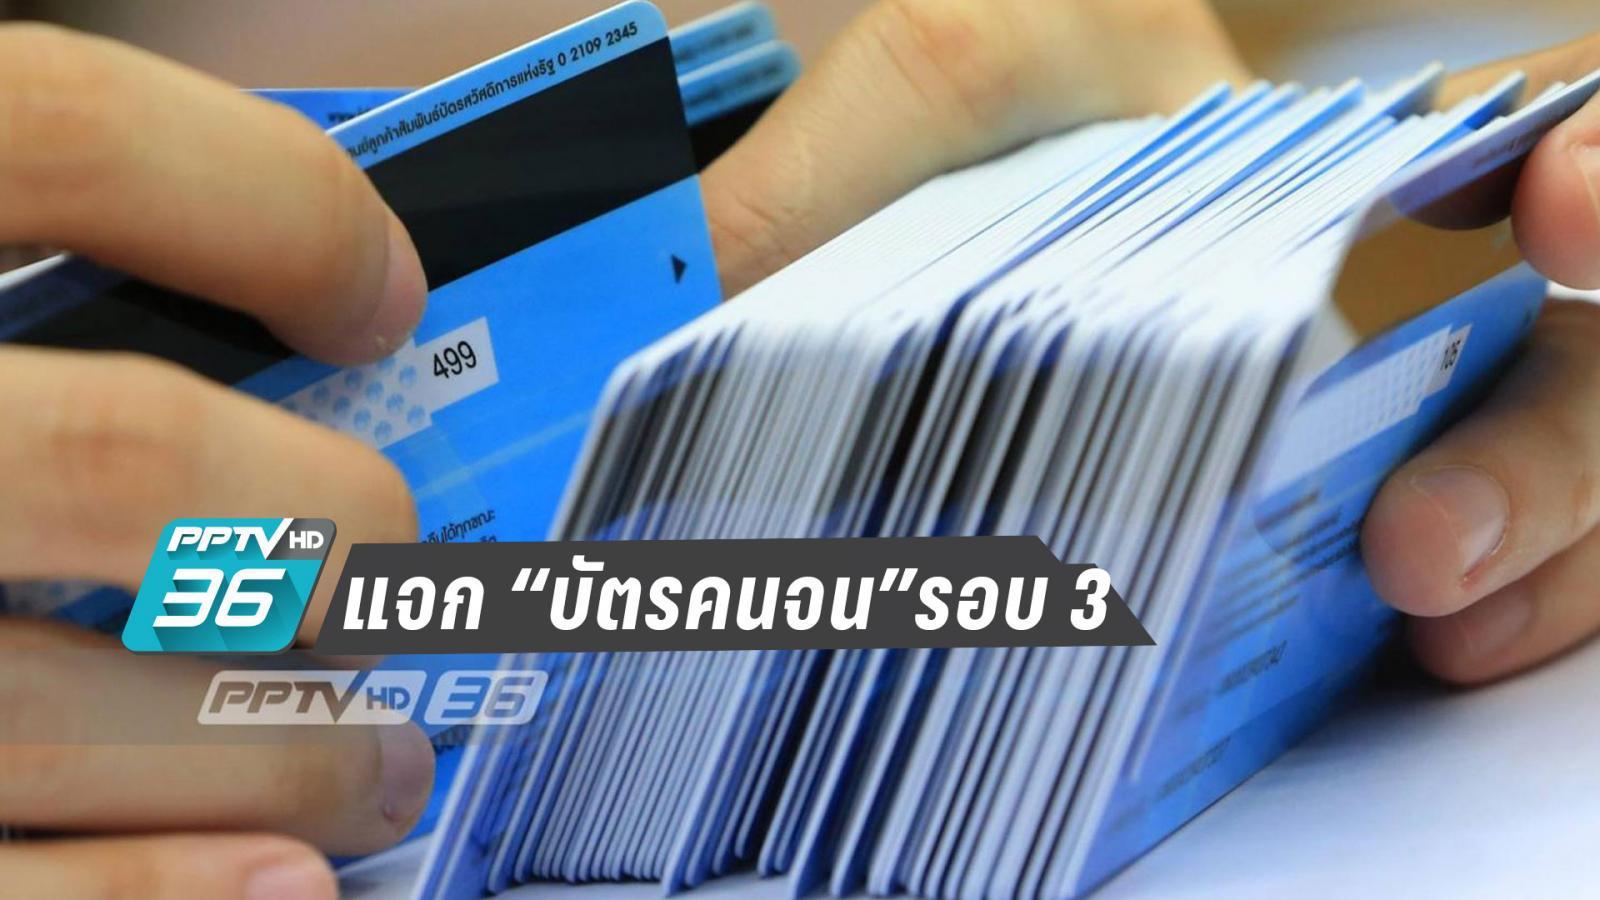 กรมบัญชีกลาง เตรียมแจกบัตรคนจนรอบ 3 ก.ค.นี้